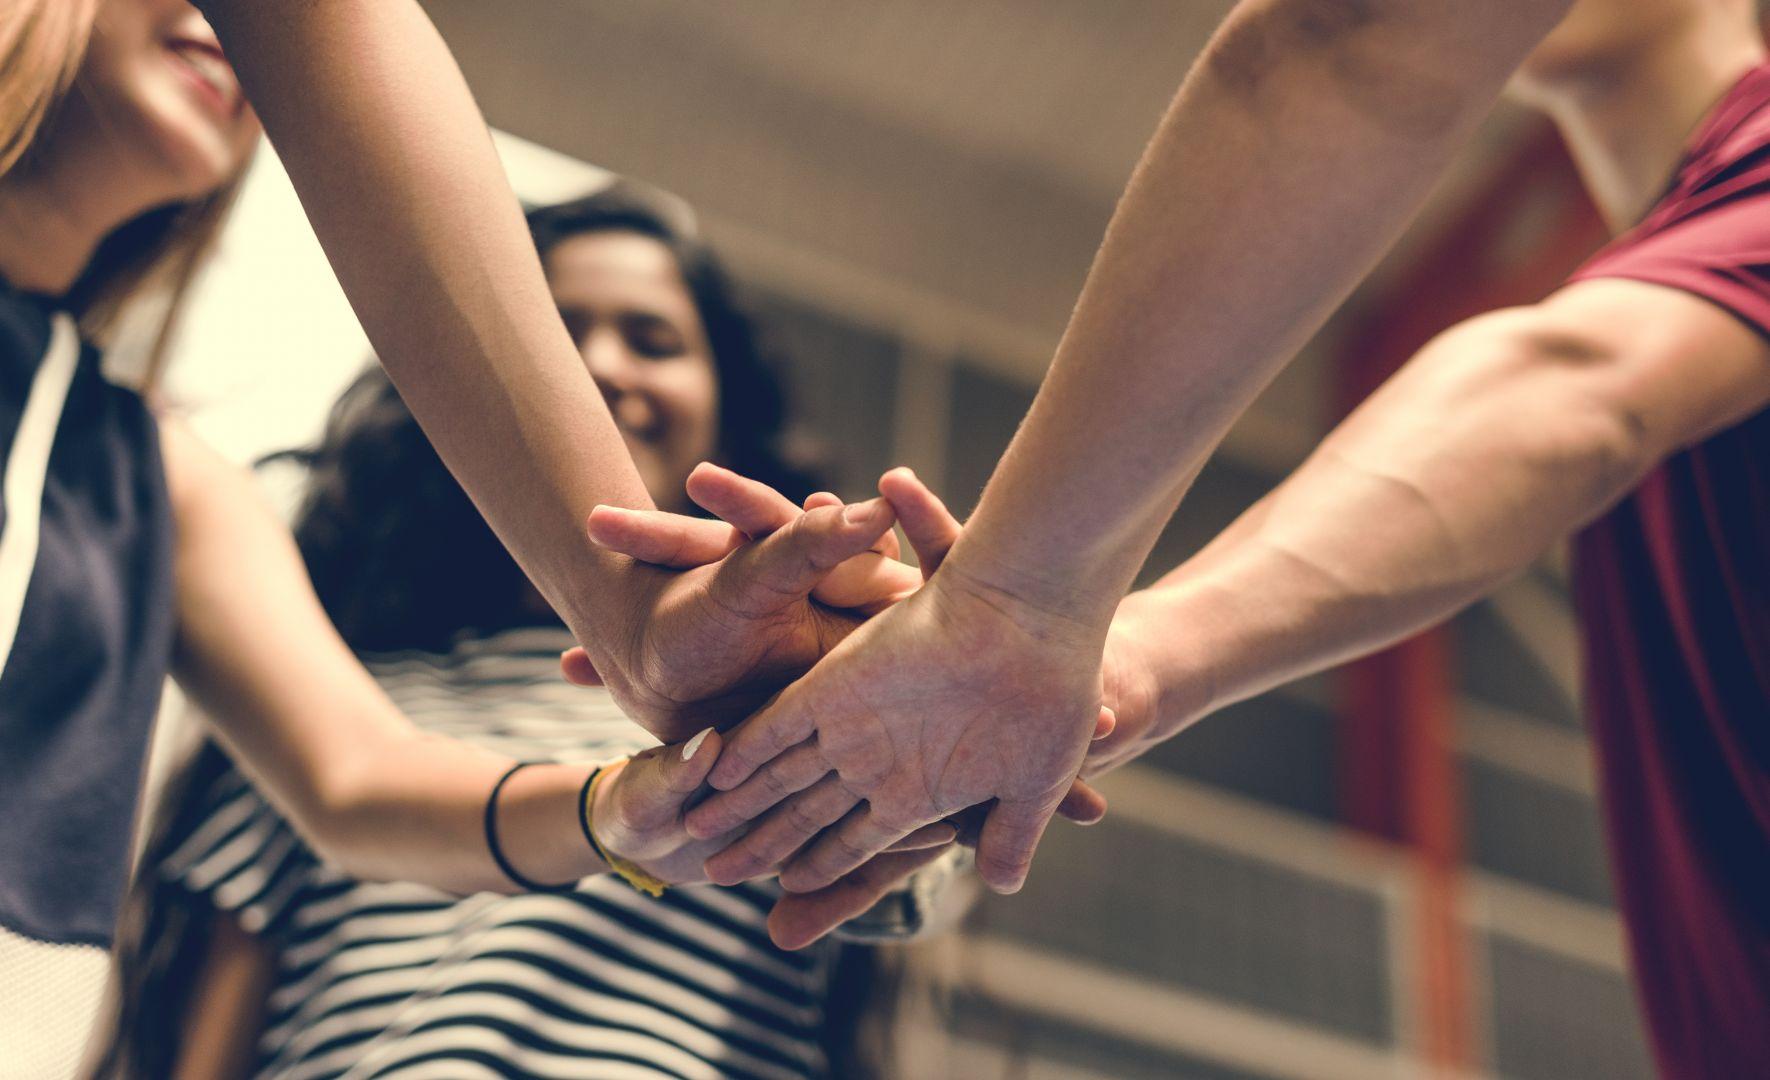 Vols crear la teva propia empresa. Has pensat en una cooperativa?